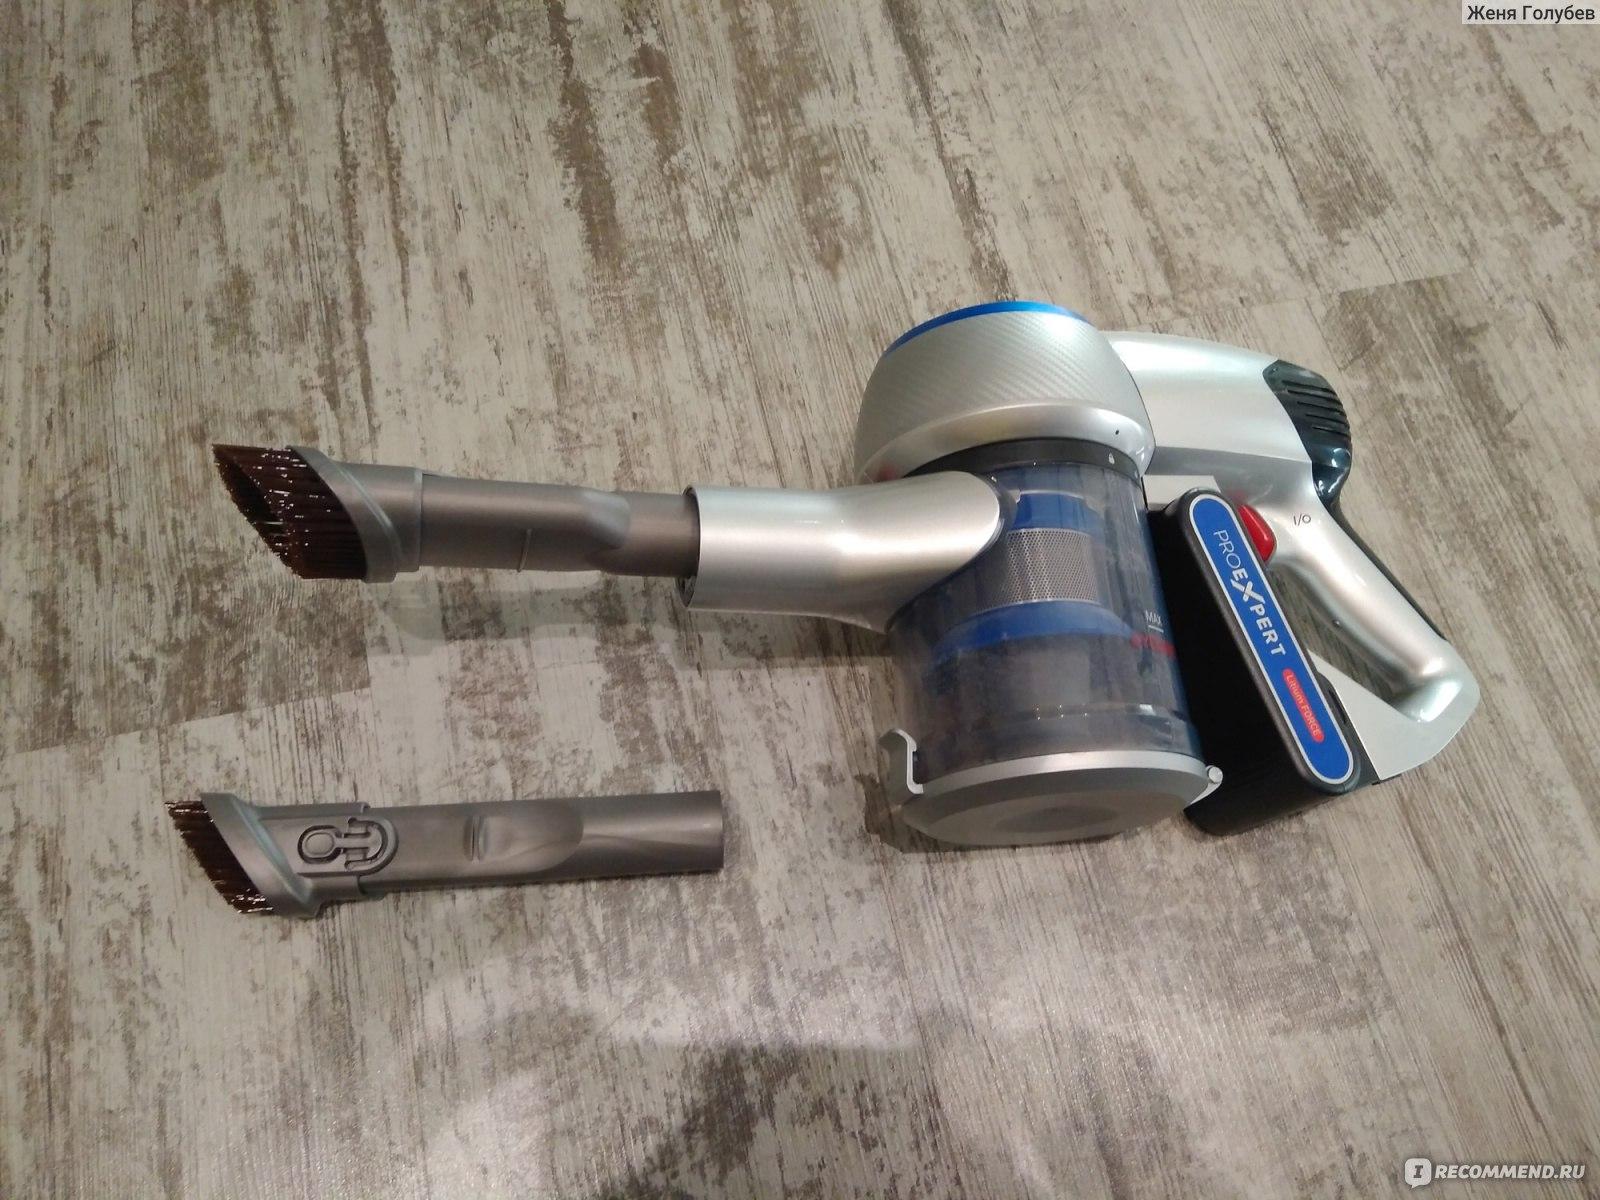 Пылесос дайсон проверка на прочность dyson dc62 vacuum cleaner